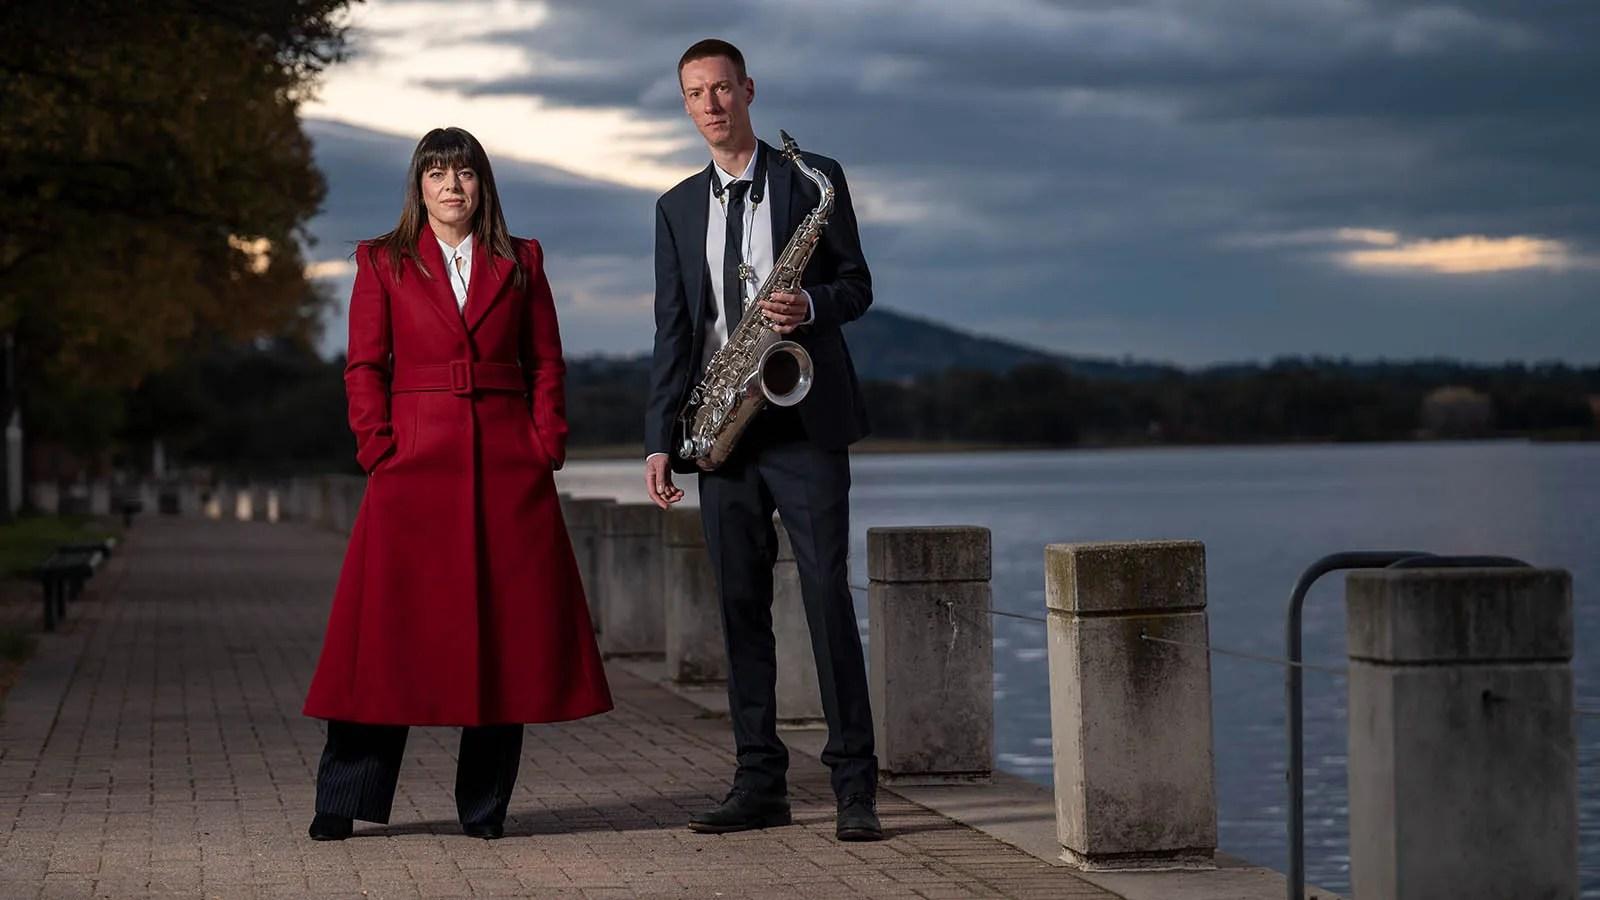 Fringe of Squaredom- Sunday Jazz series